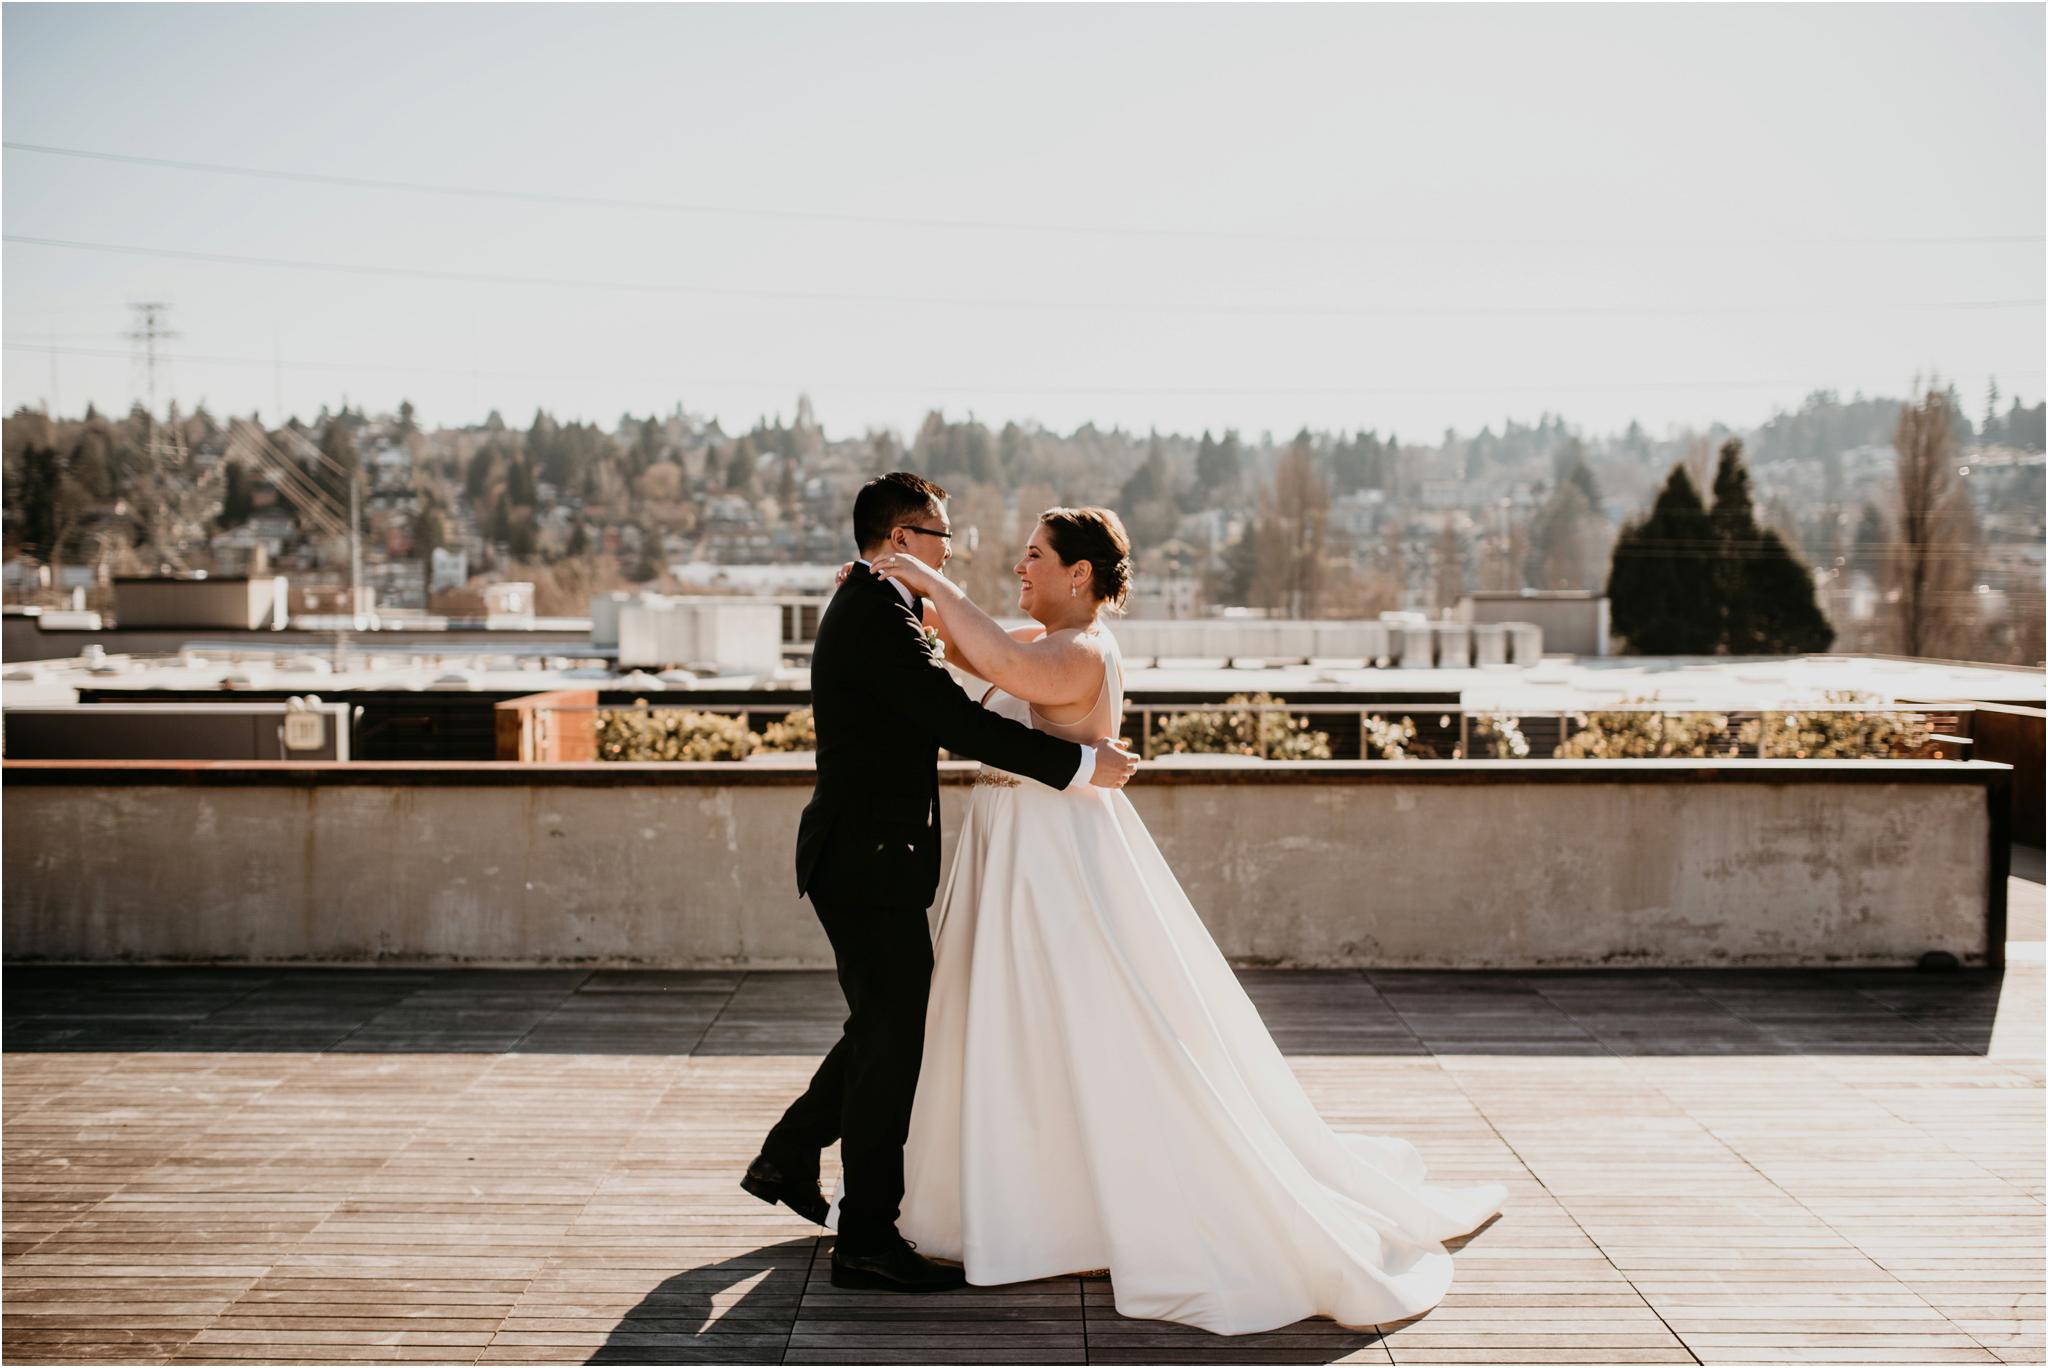 ashley-and-david-fremont-foundry-seattle-washington-wedding-photographer-030.jpg